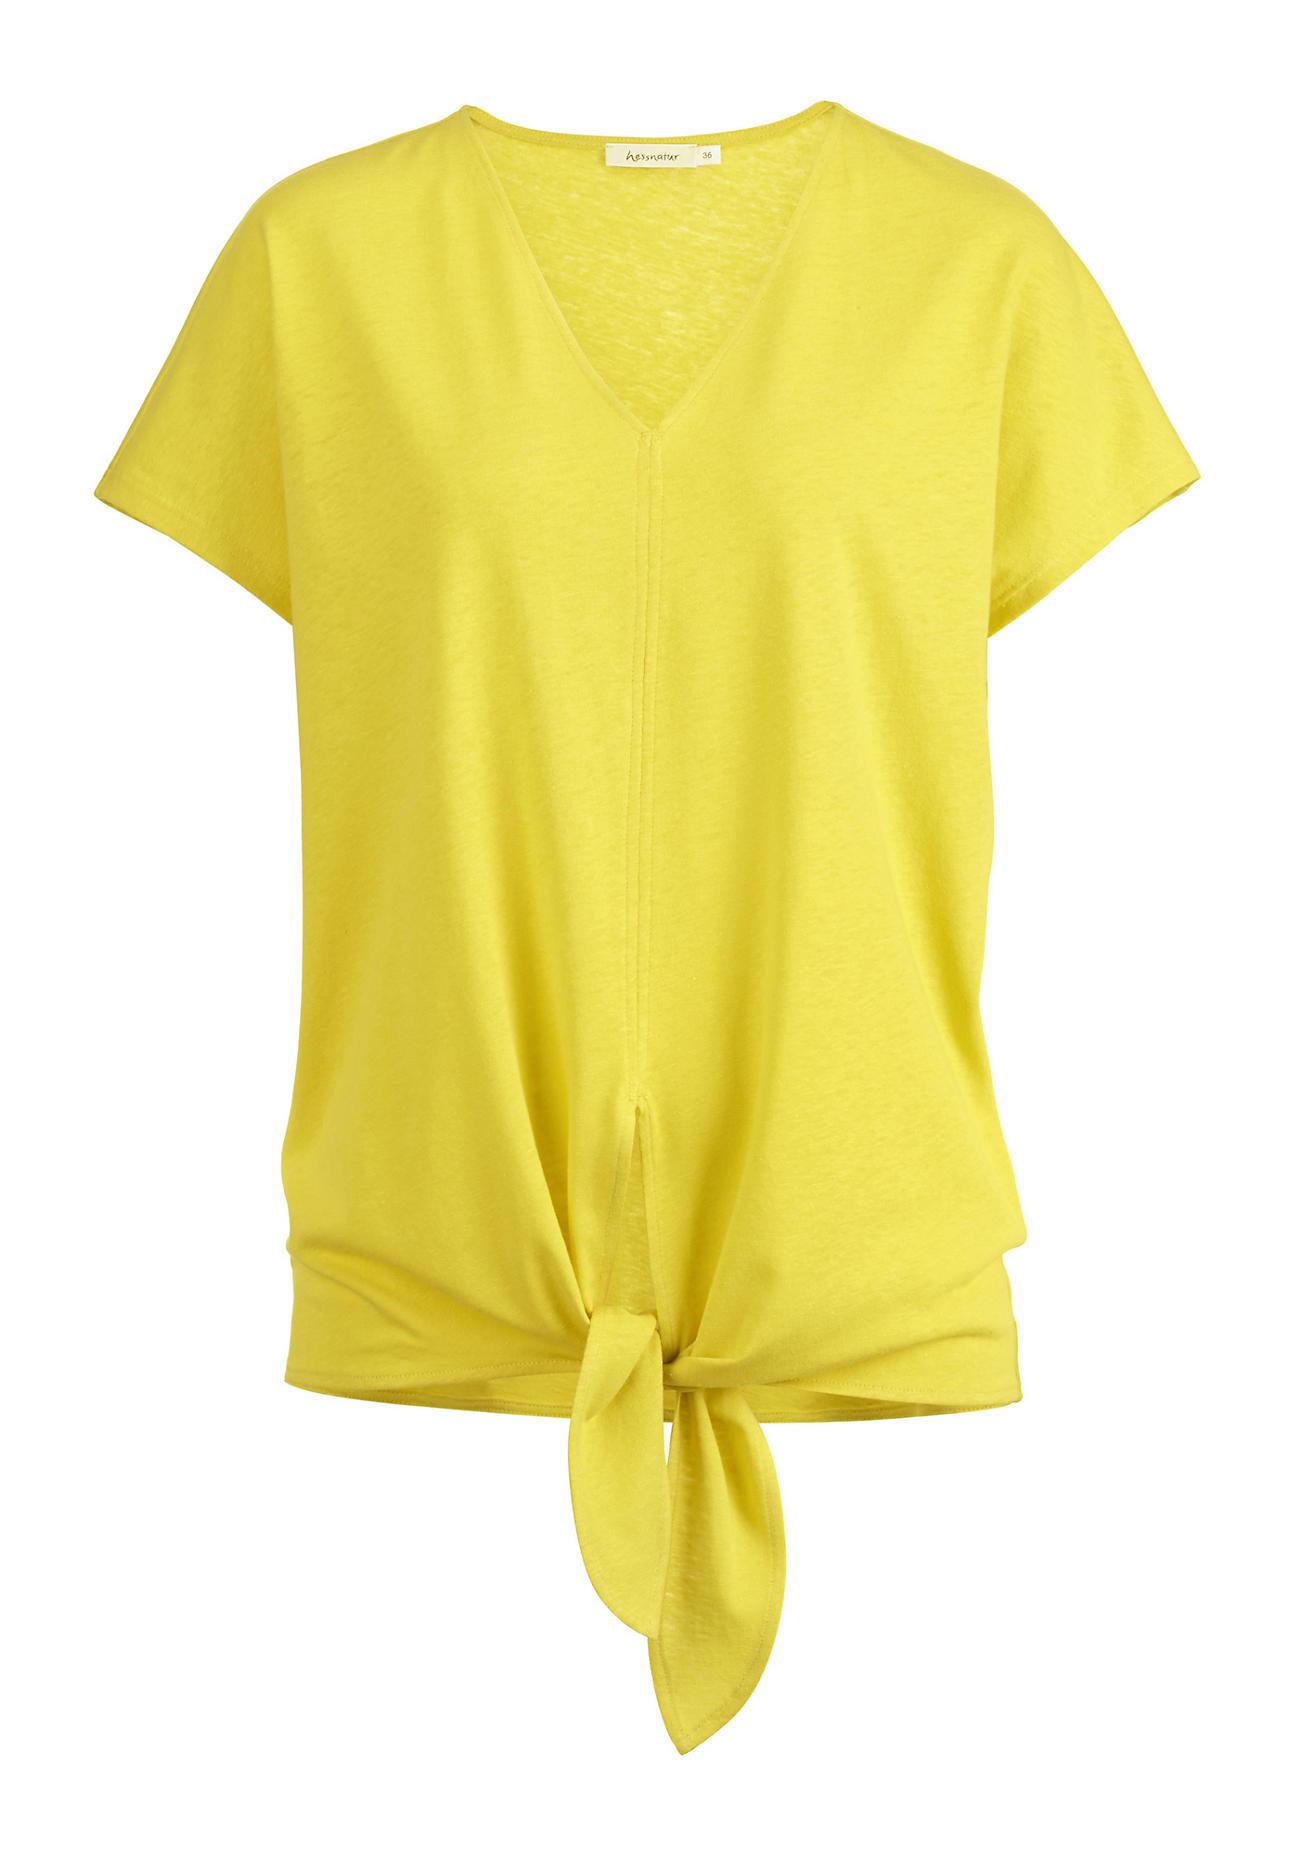 hessnatur Damen Shirt aus Bio-Leinen mit Bio-Baumwolle – gelb – Größe 38